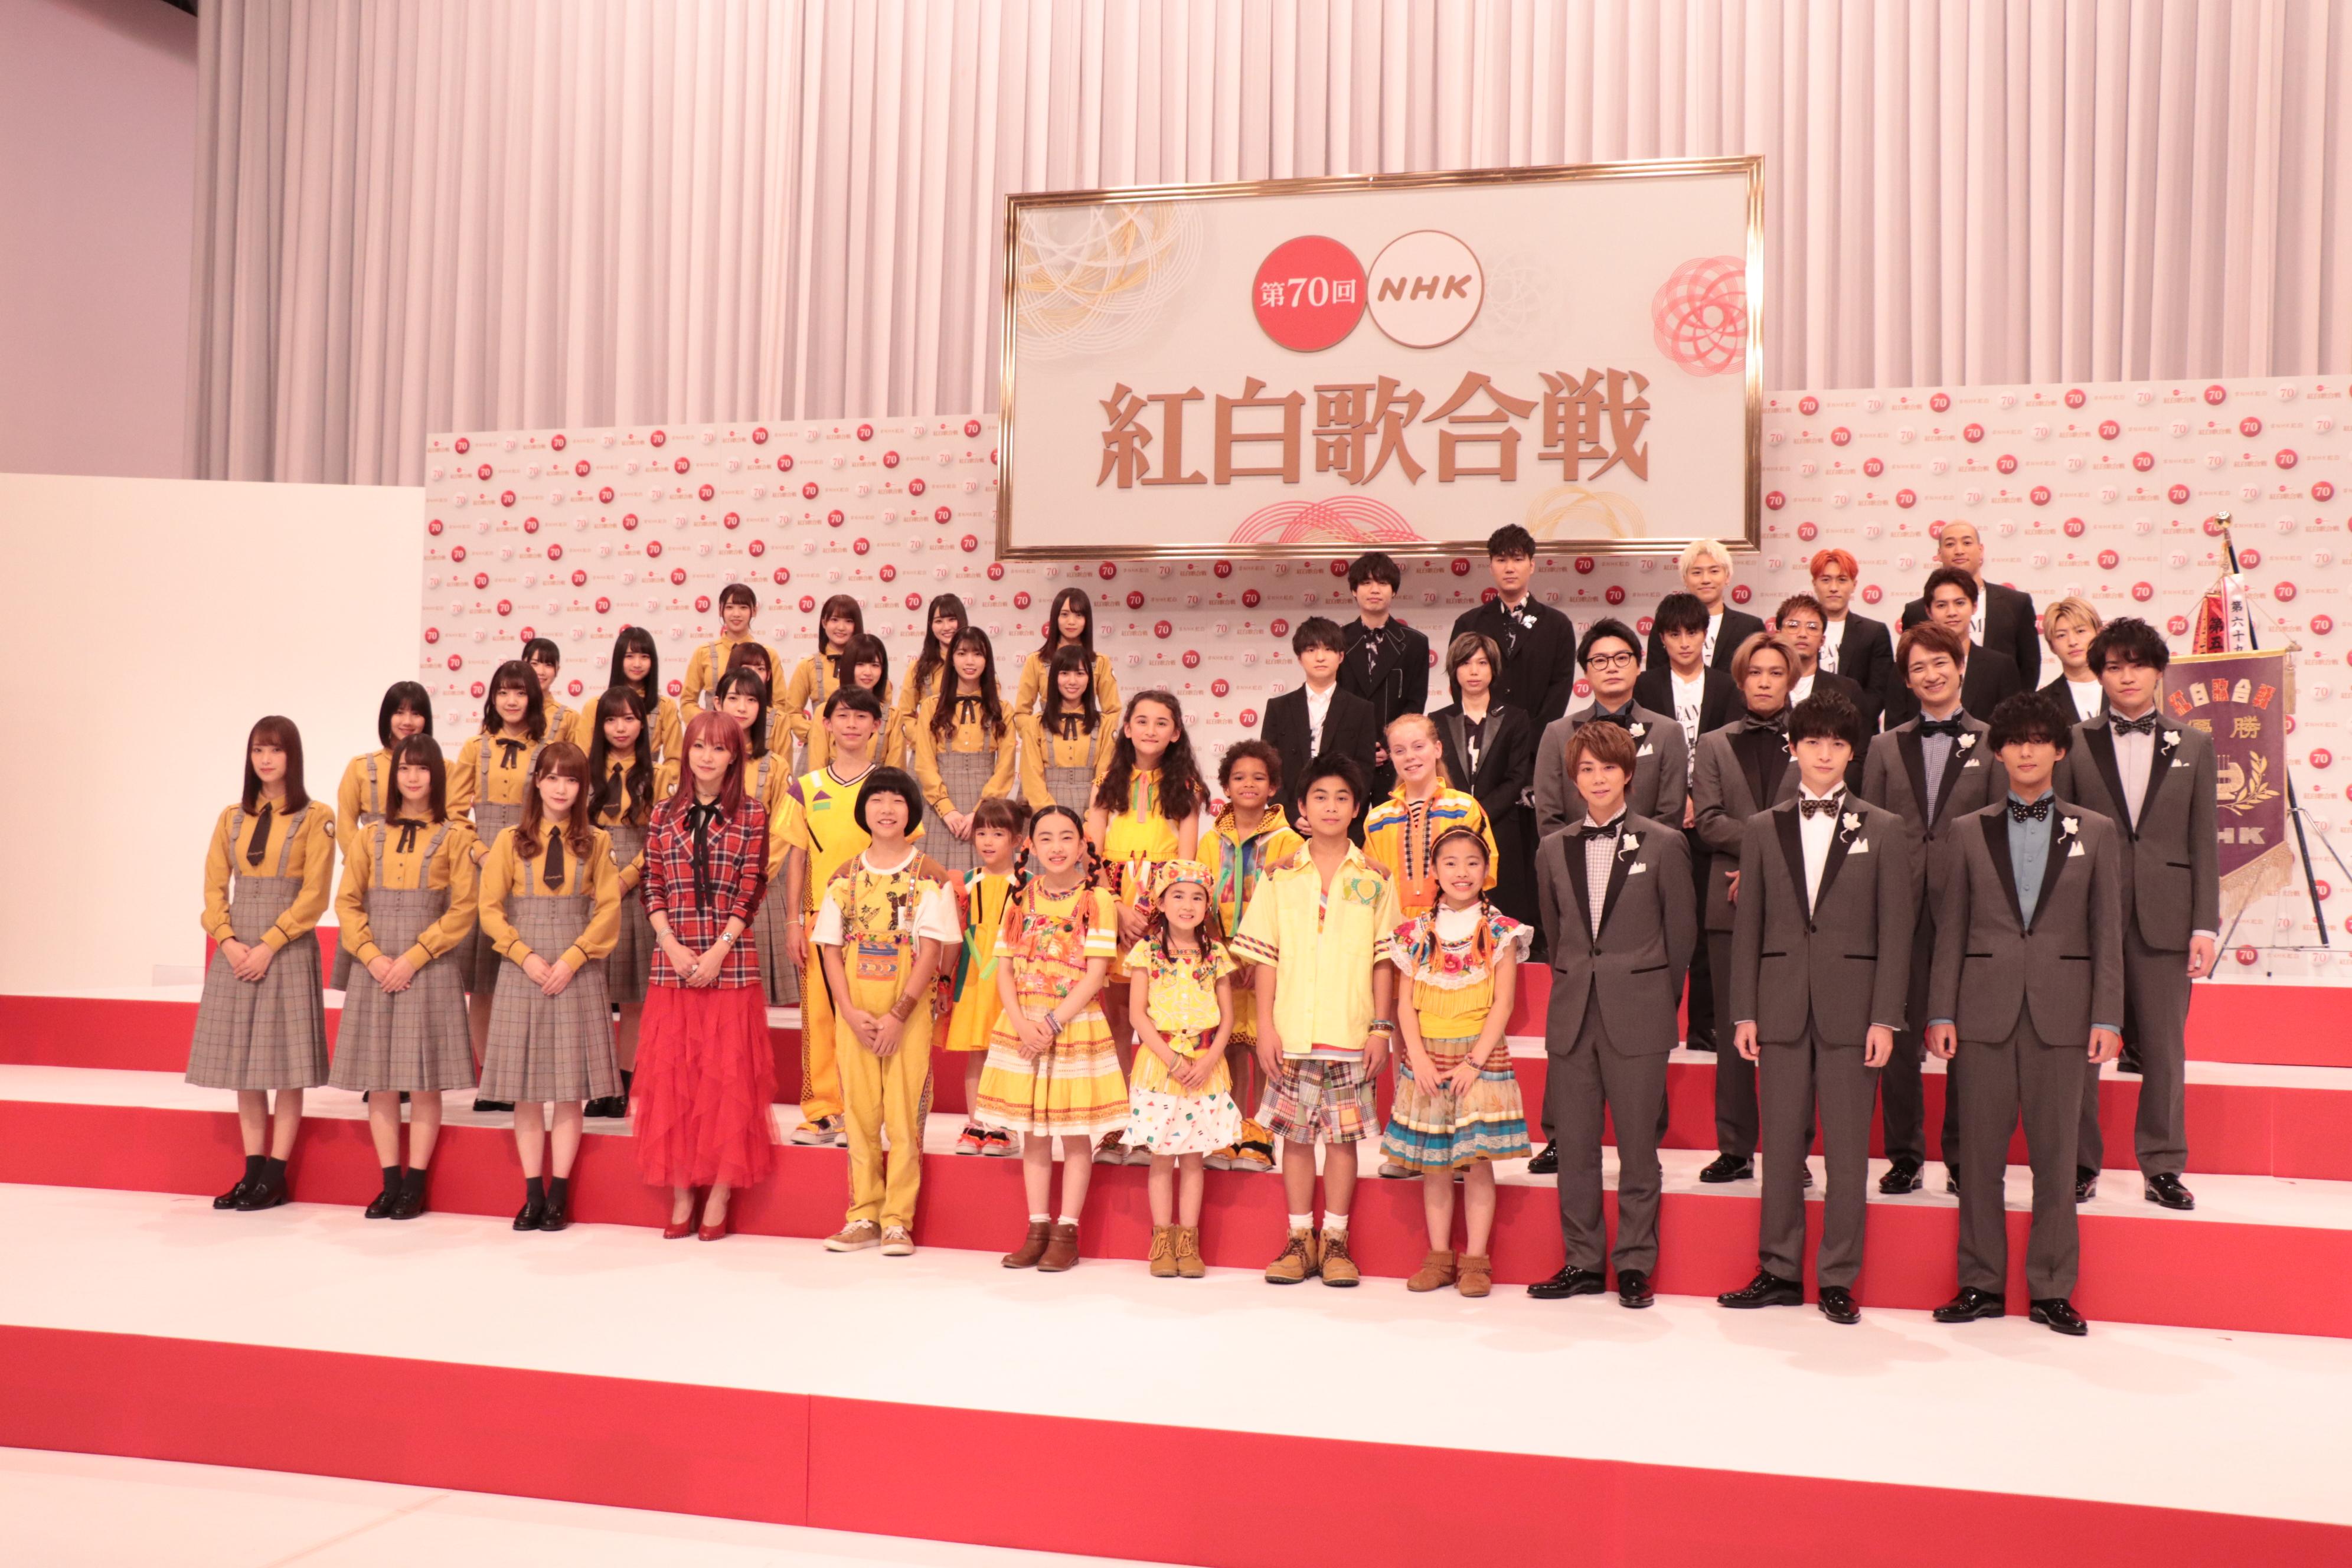 記者会見】『第70回NHK紅白歌合戦』、GENERATIONS、日向坂46ら初出場者 ...